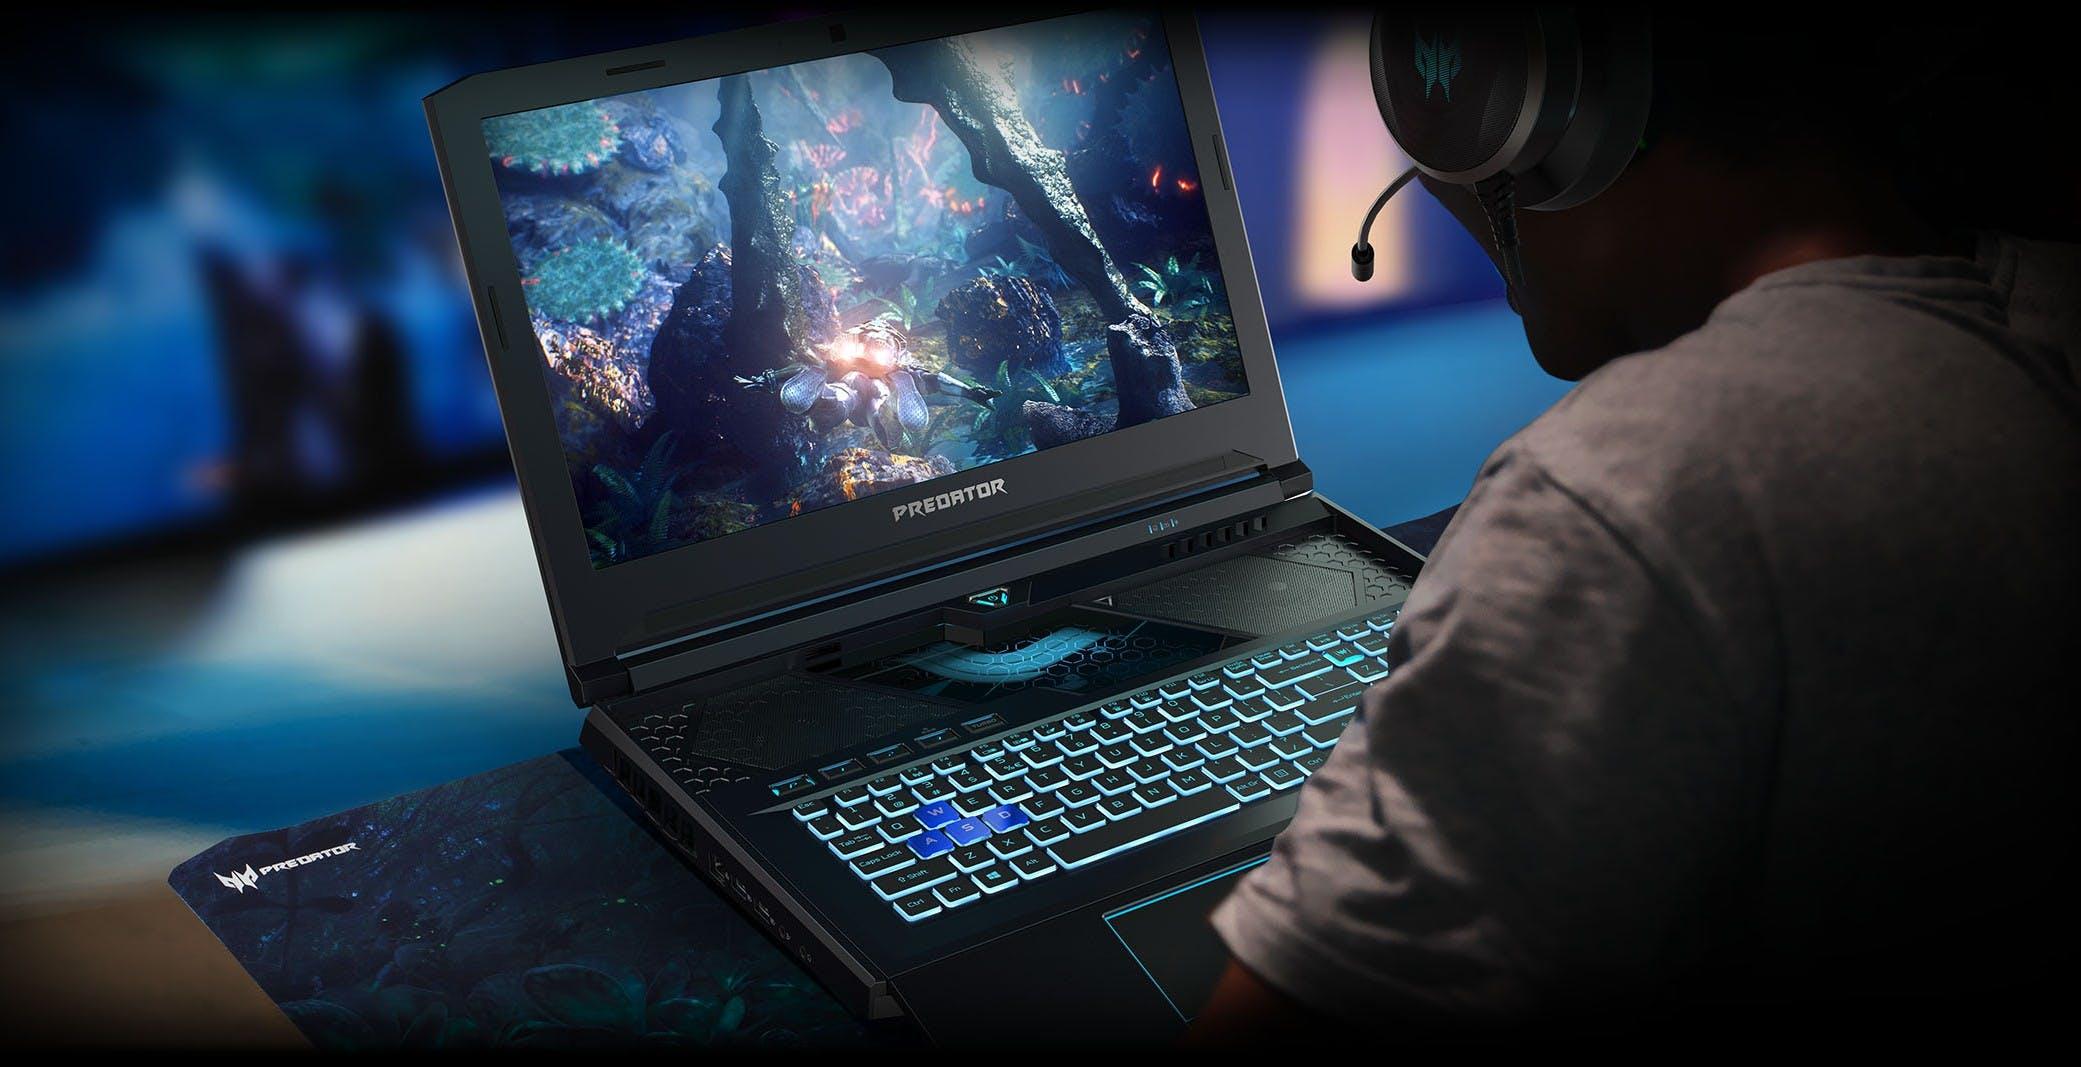 Le novità Acer: Predator Helios 700 ha la tastiera scorrevole. Enduro è la nuova linea di dispositivi rugged